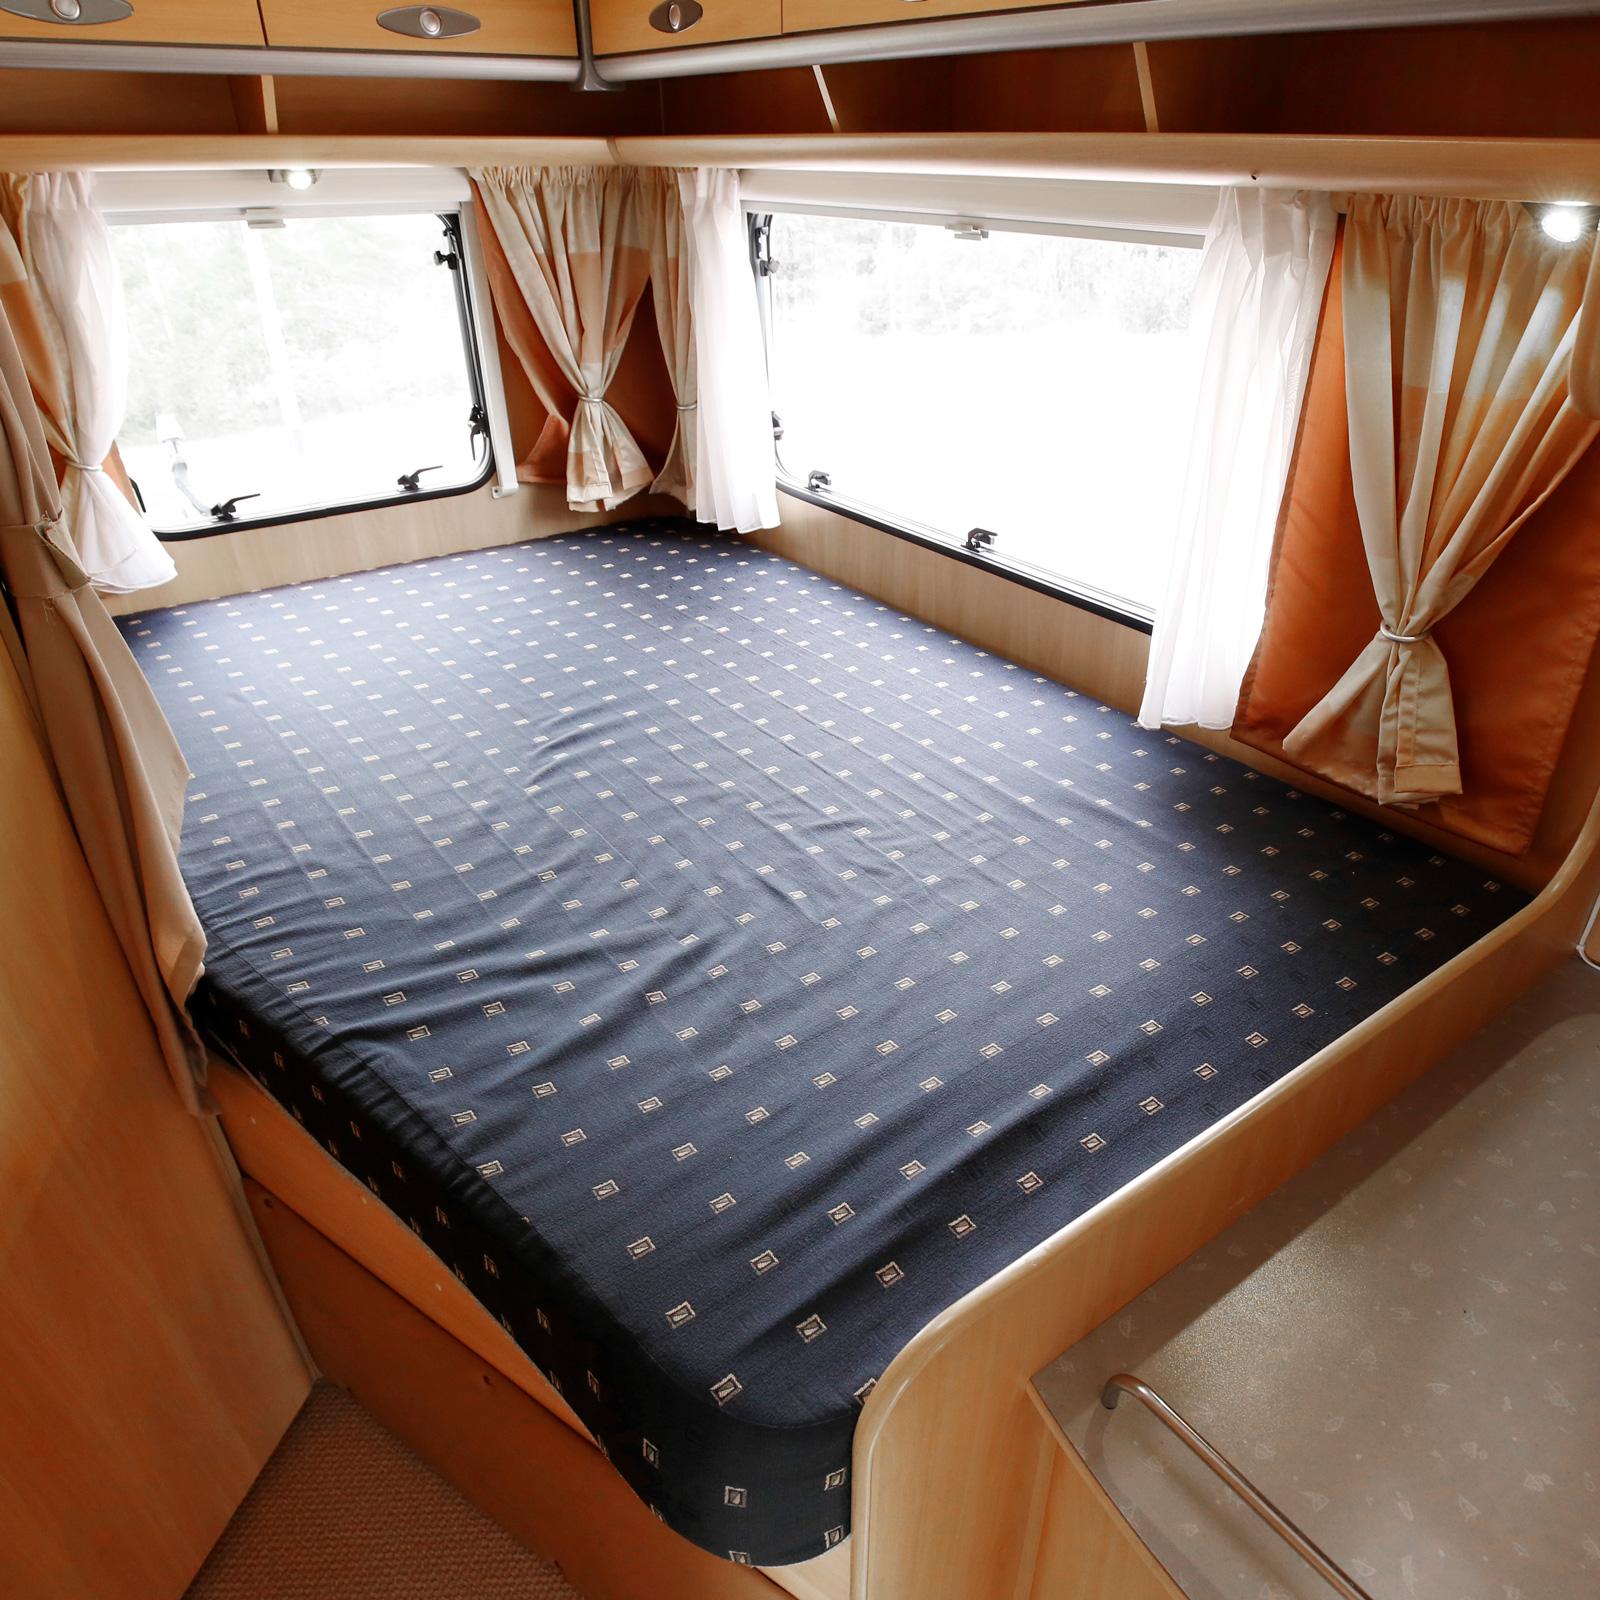 Fransk säng förekommer ibland i mindre husbilar som denna. Det är dock ovanligare med med fönster på bakstammen.